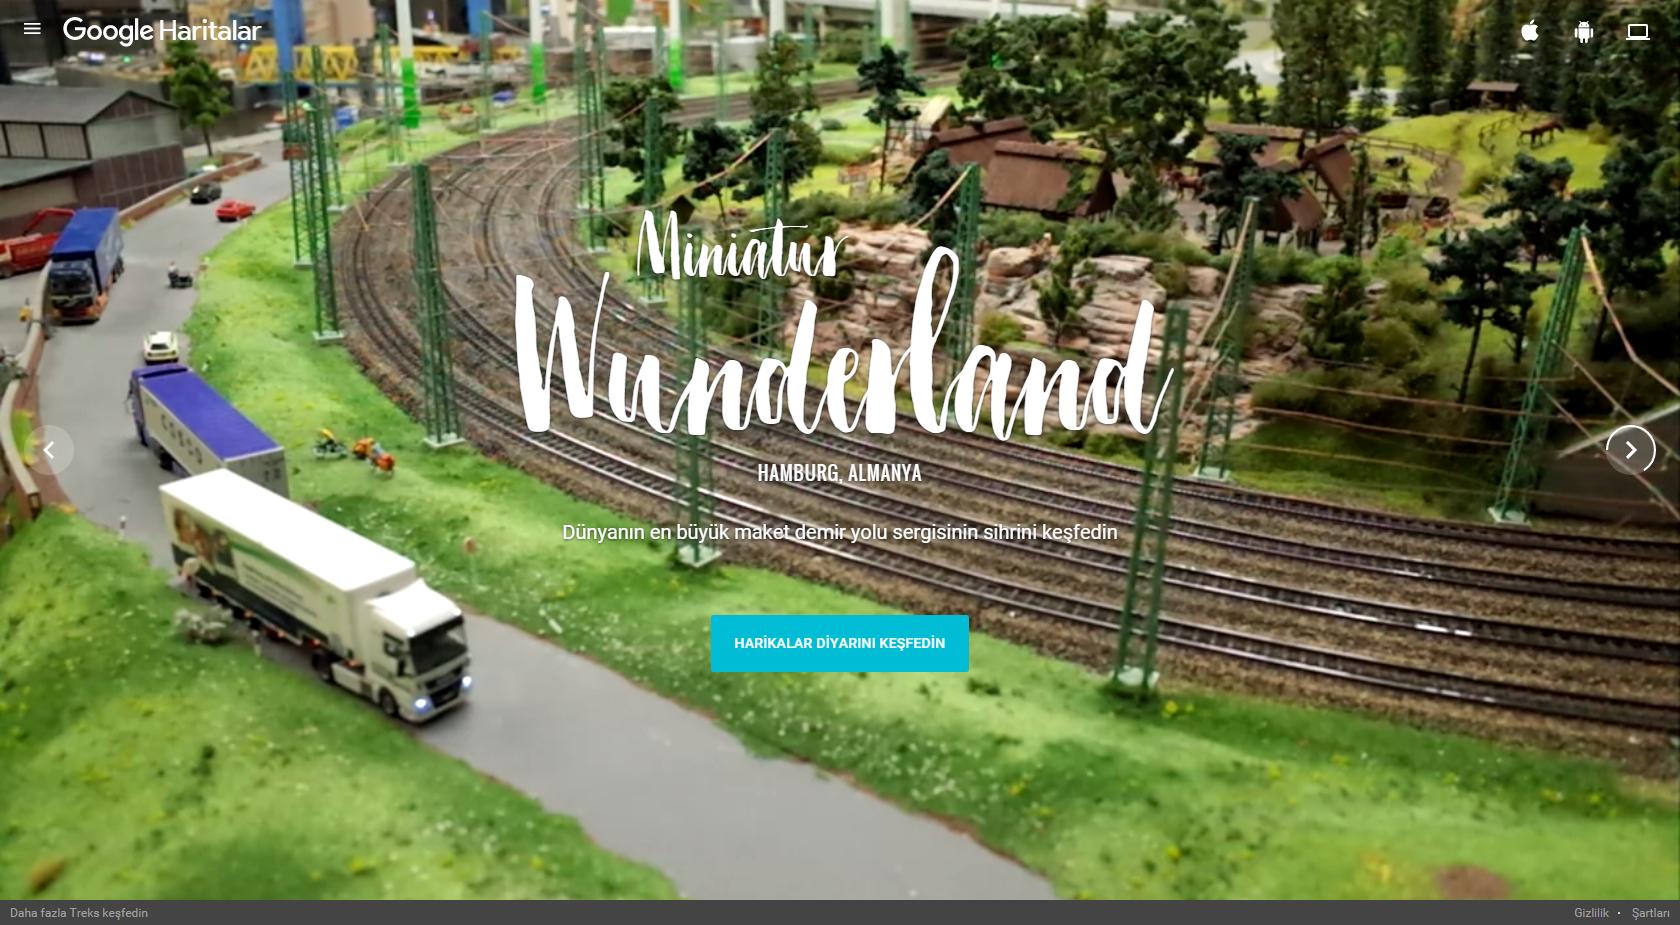 Google Minyatür Dünyalarda Gezdiriyor- Miniatur Wunderland